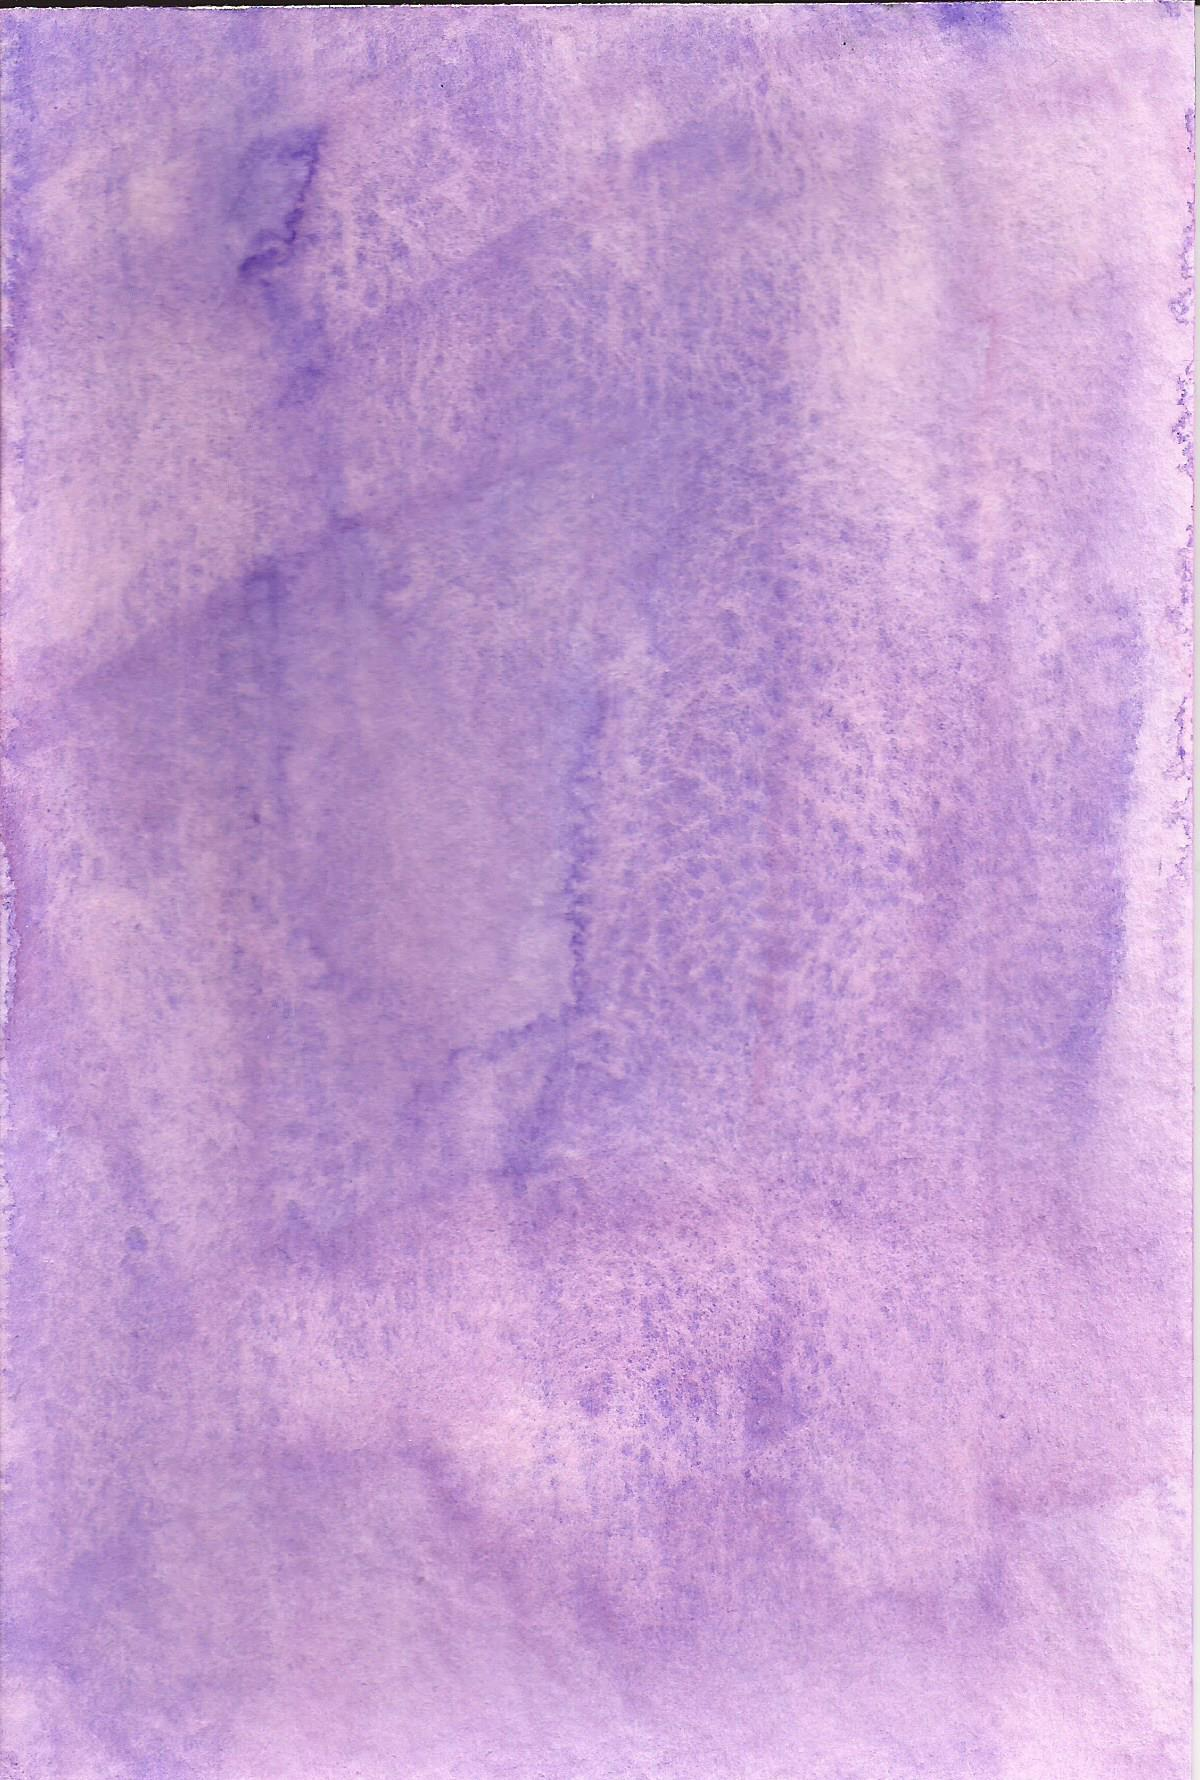 7 Watercolor Wash Techniques - Lessons - Tes Teach